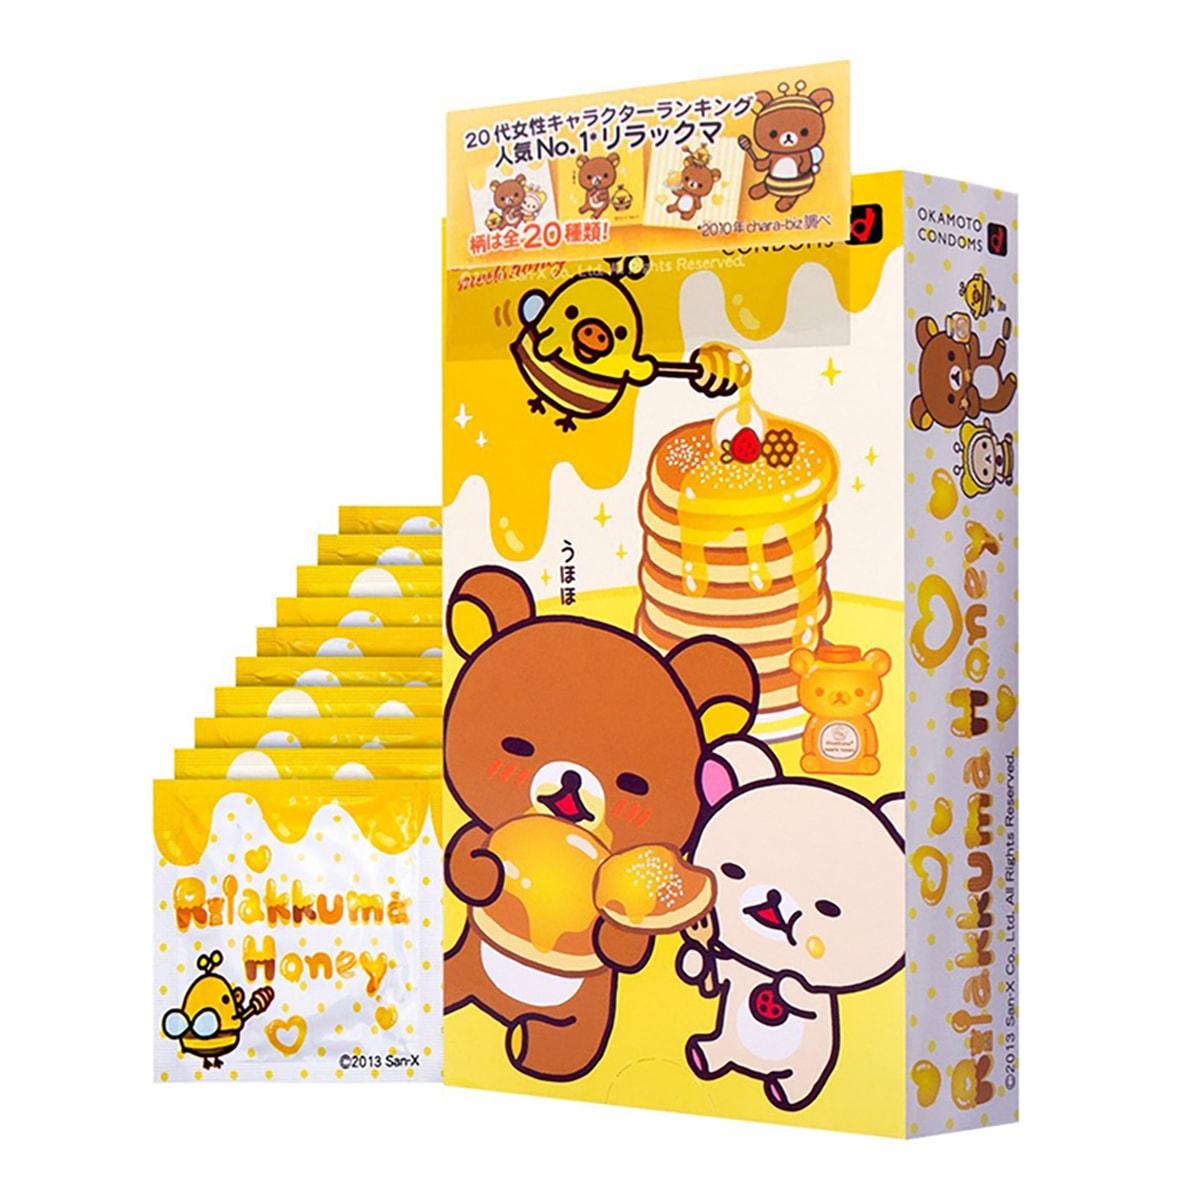 日本OKAMOTO冈本 轻松熊安全避孕套 10个装